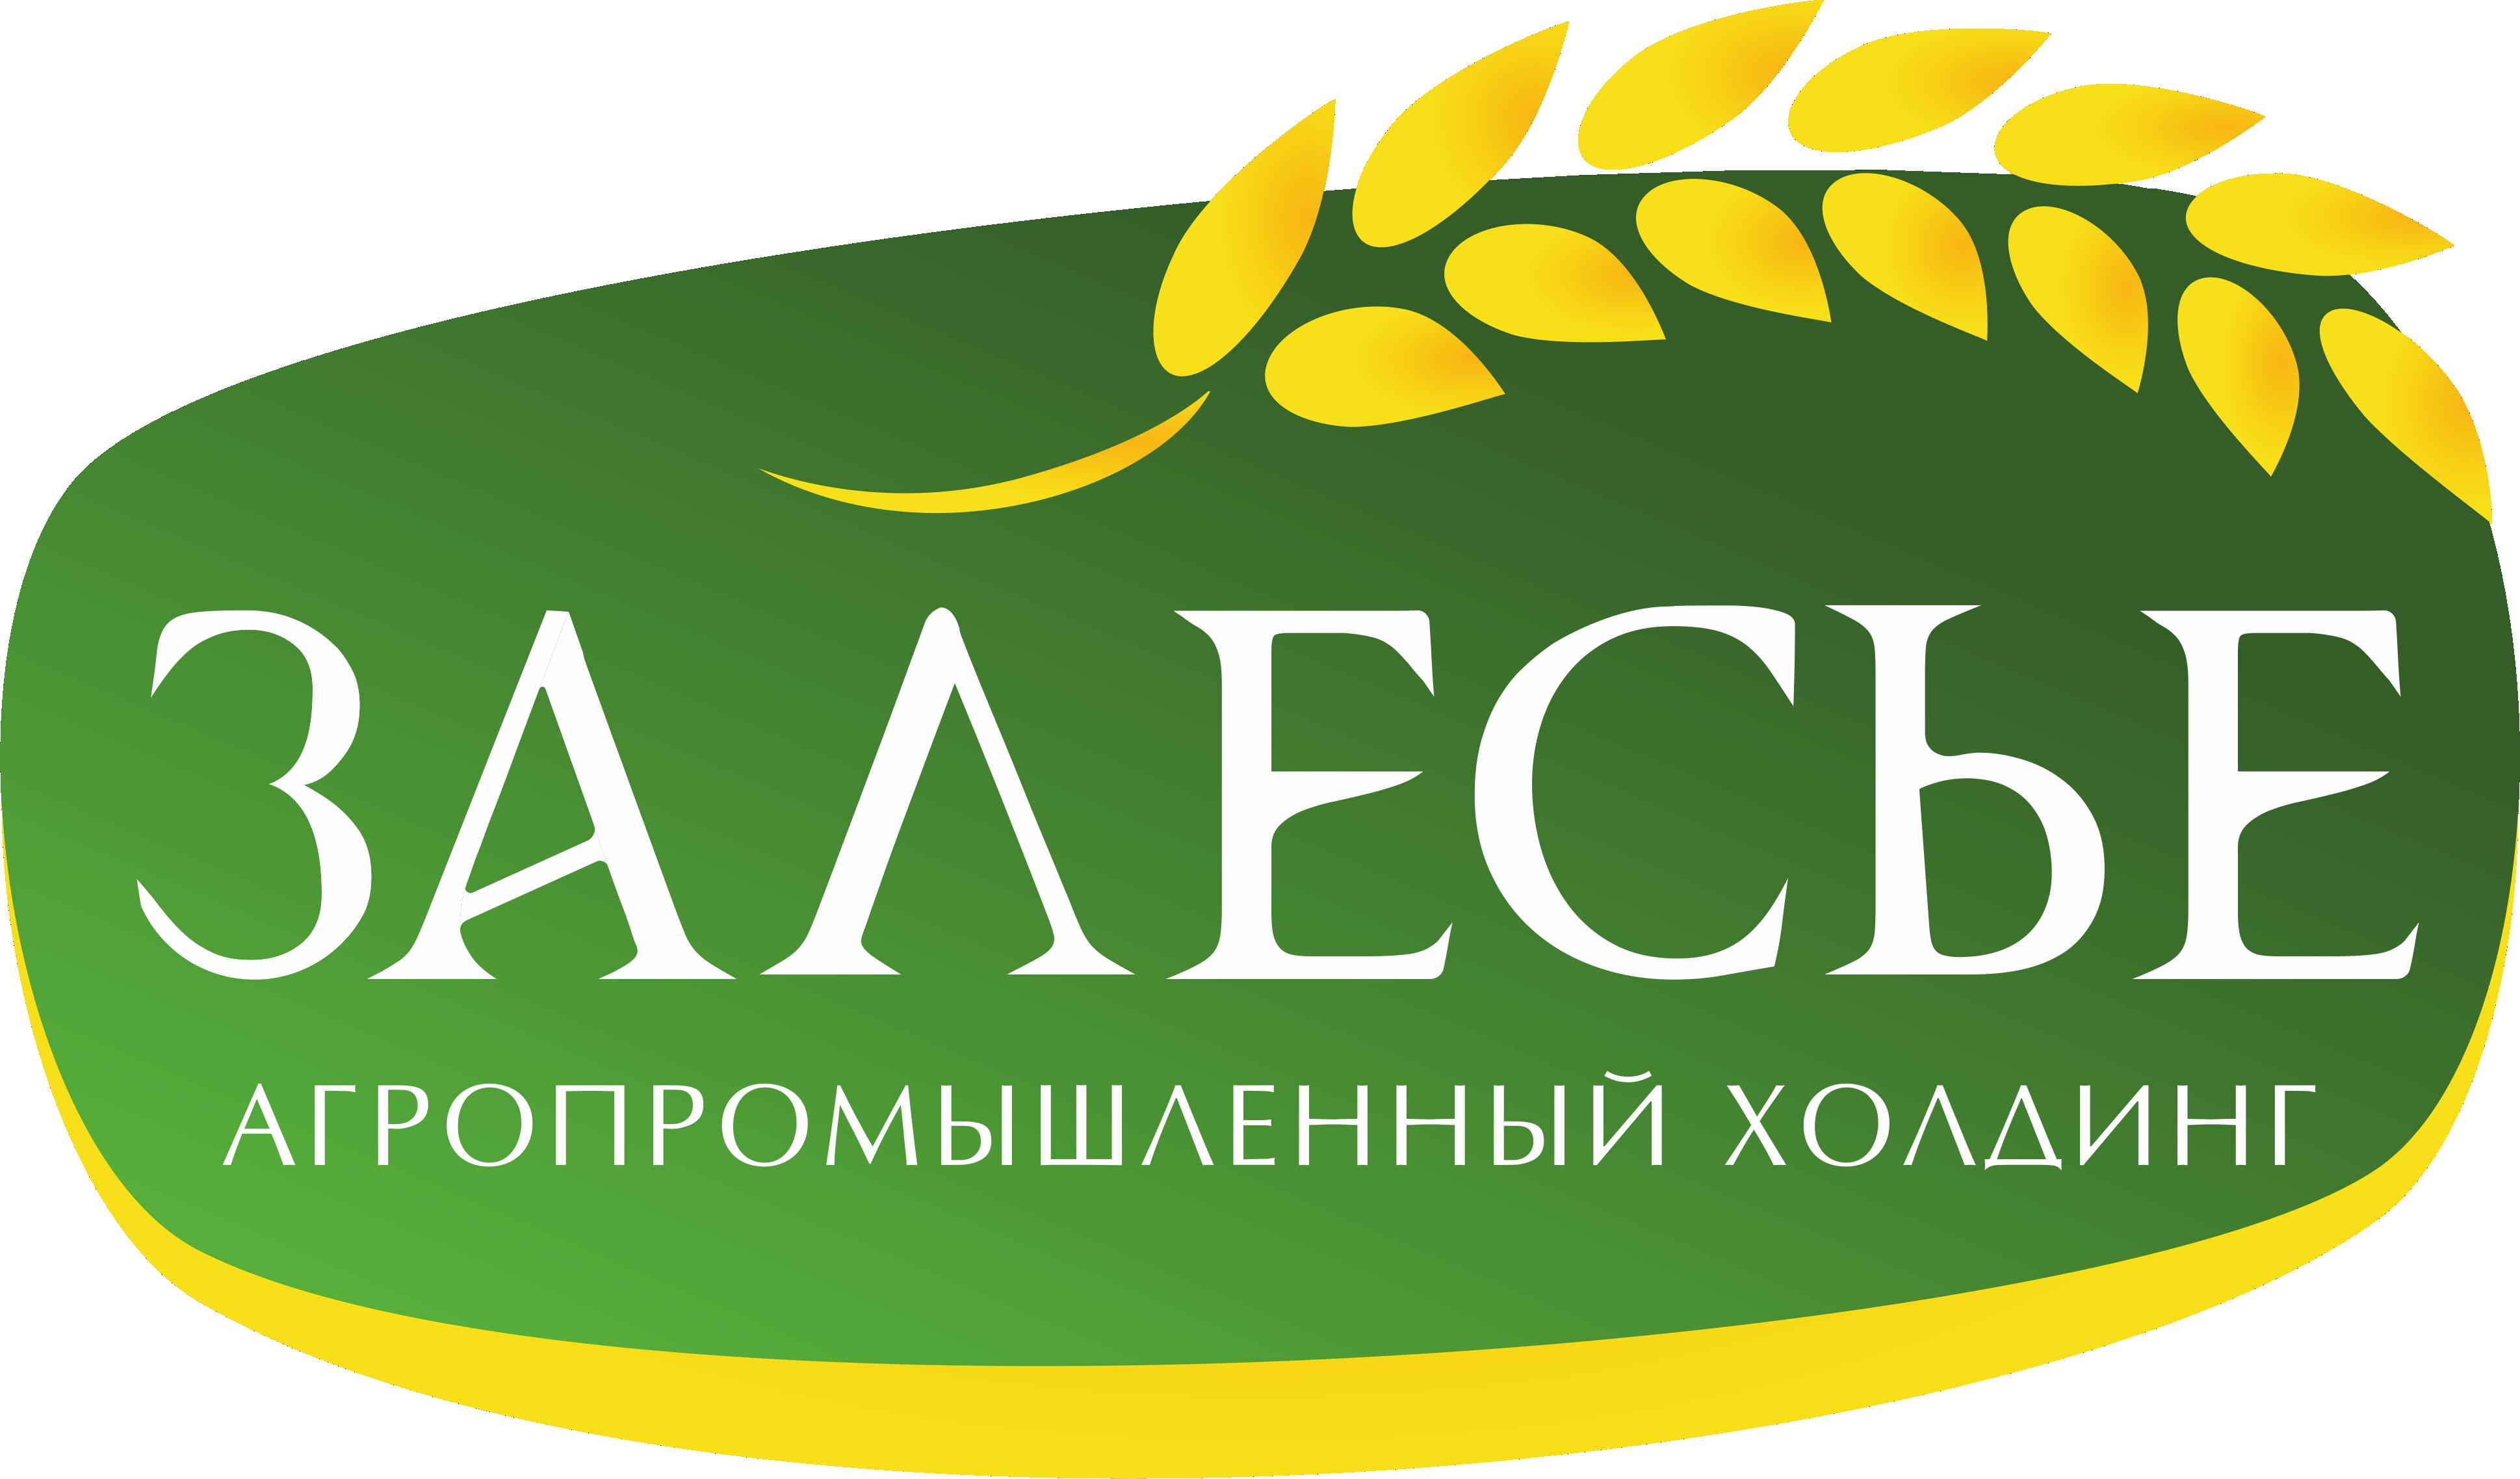 """Агропромышленный холдинг """"ЗАЛЕСЬЕ"""""""